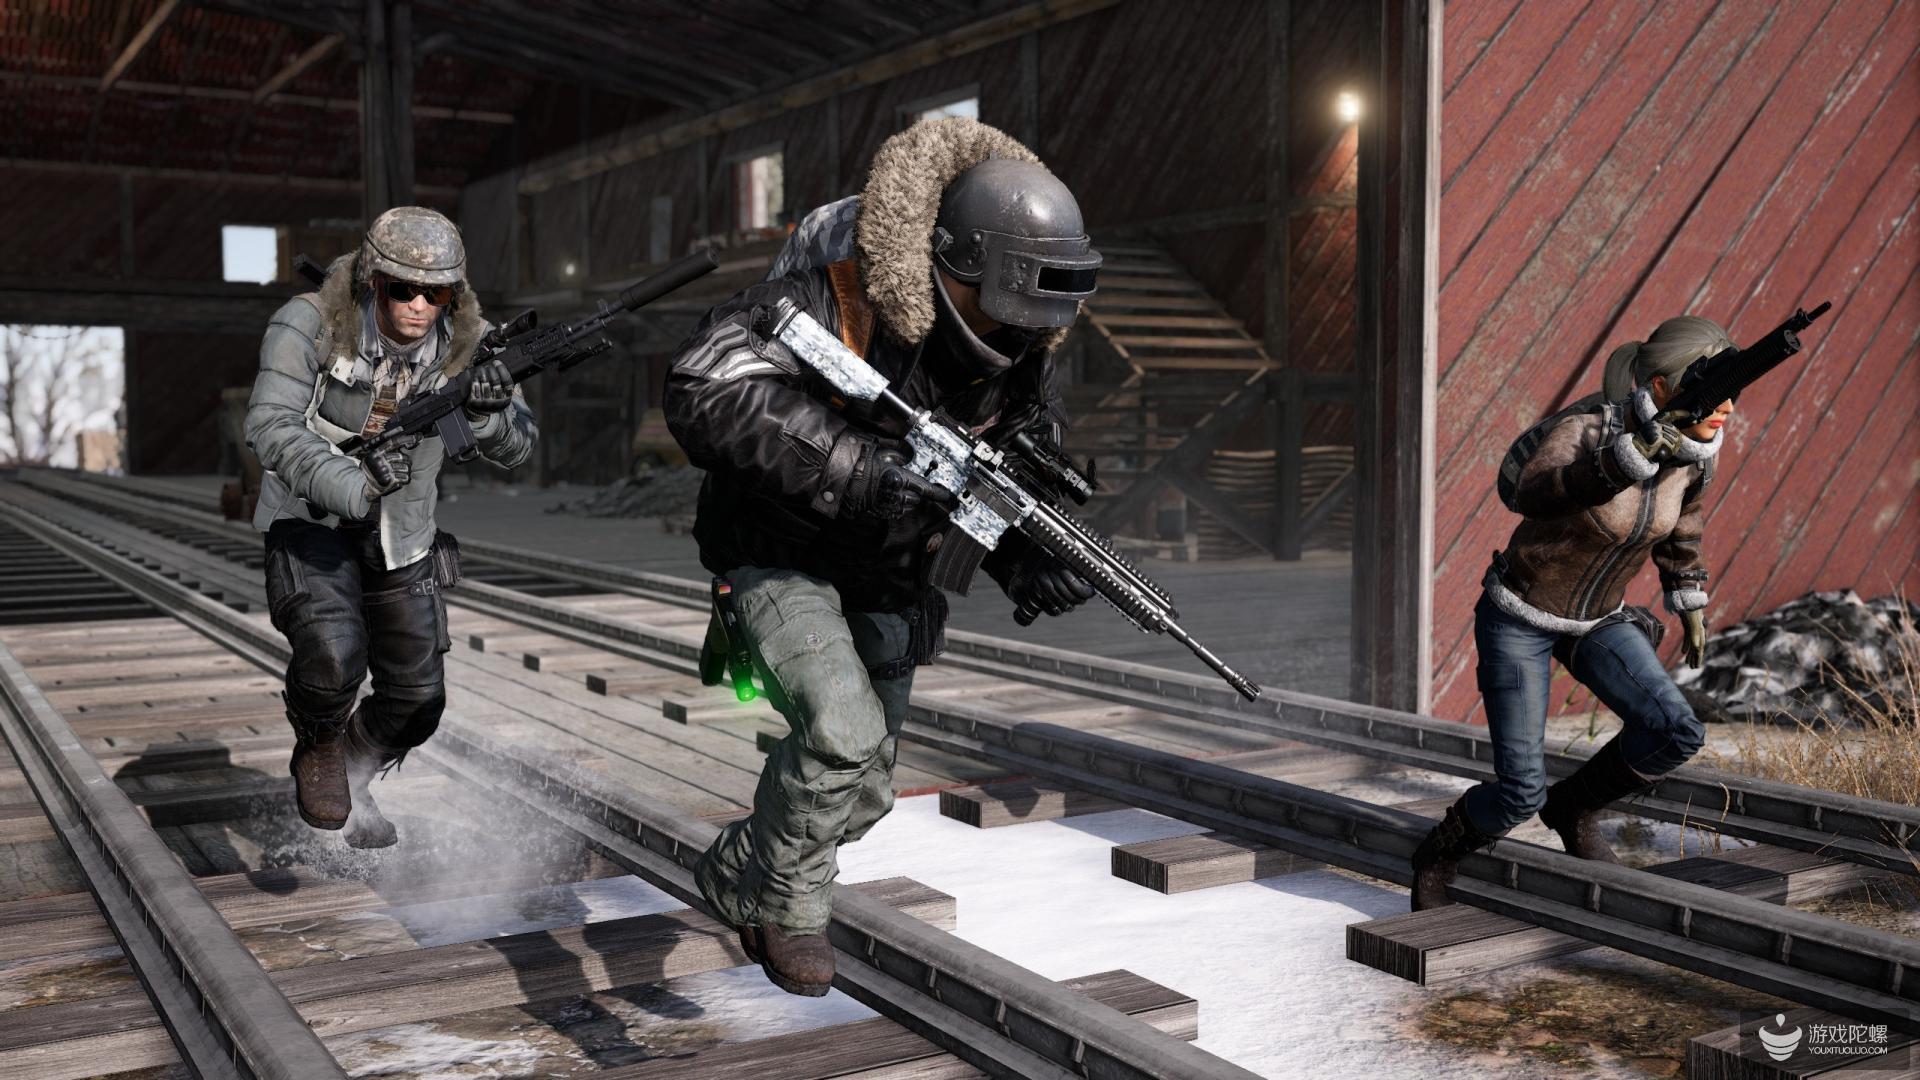 《绝地求生》雪地图DLC居首,新游《ATLAS》排名第二 | Steam周销量榜